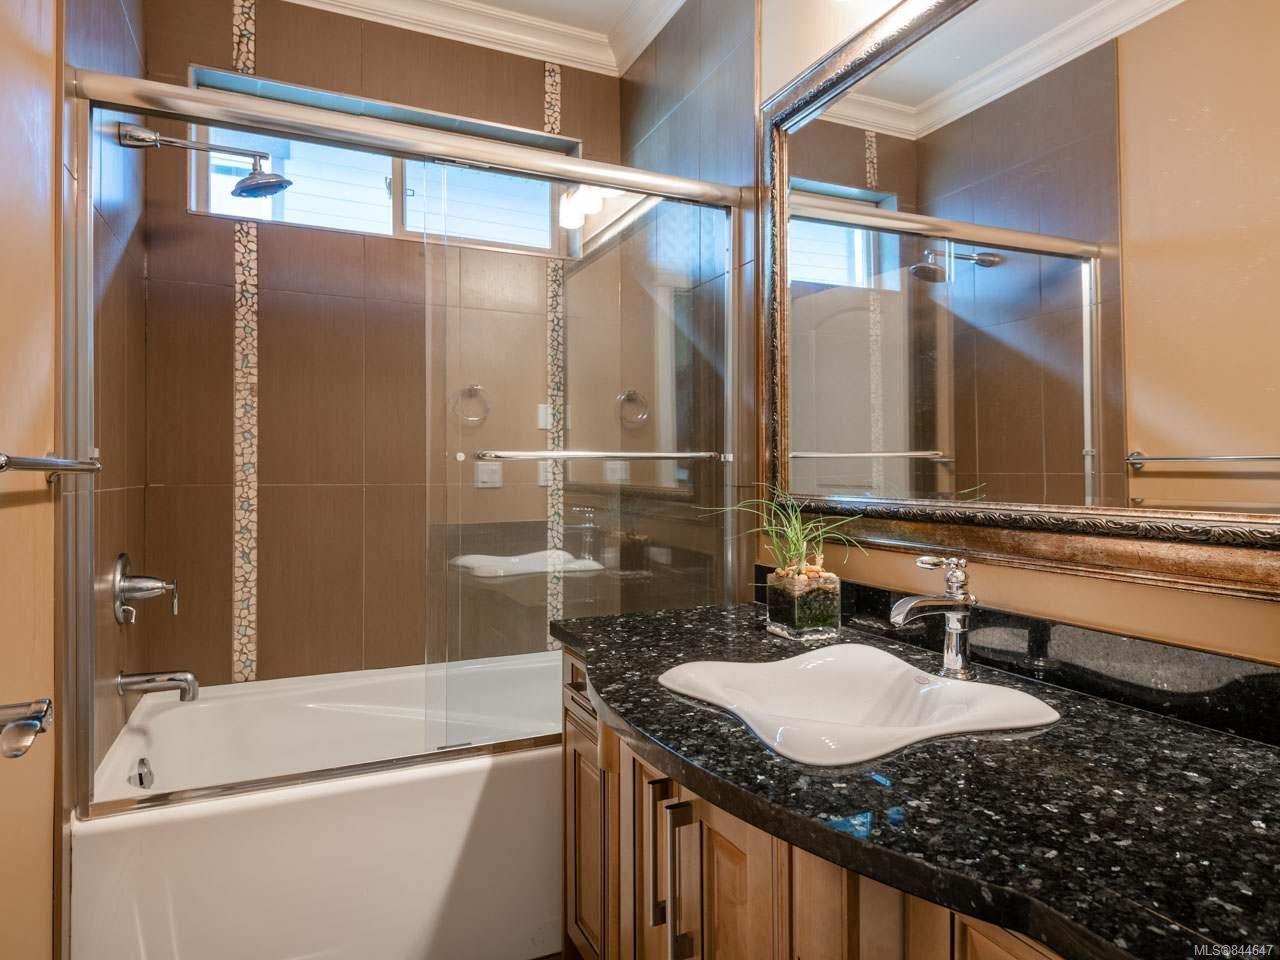 Photo 16: Photos: 4576 Laguna Way in NANAIMO: Na North Nanaimo House for sale (Nanaimo)  : MLS®# 844647